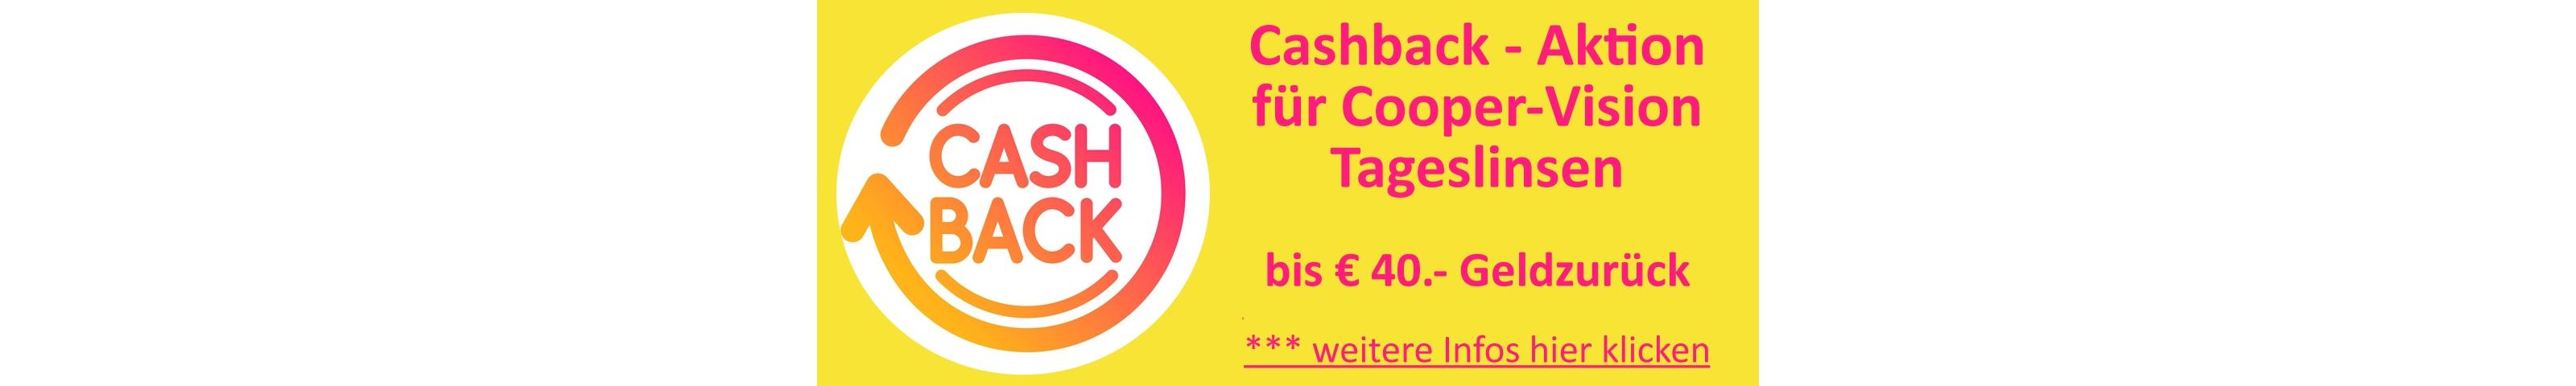 Startseite Banner: Cashback